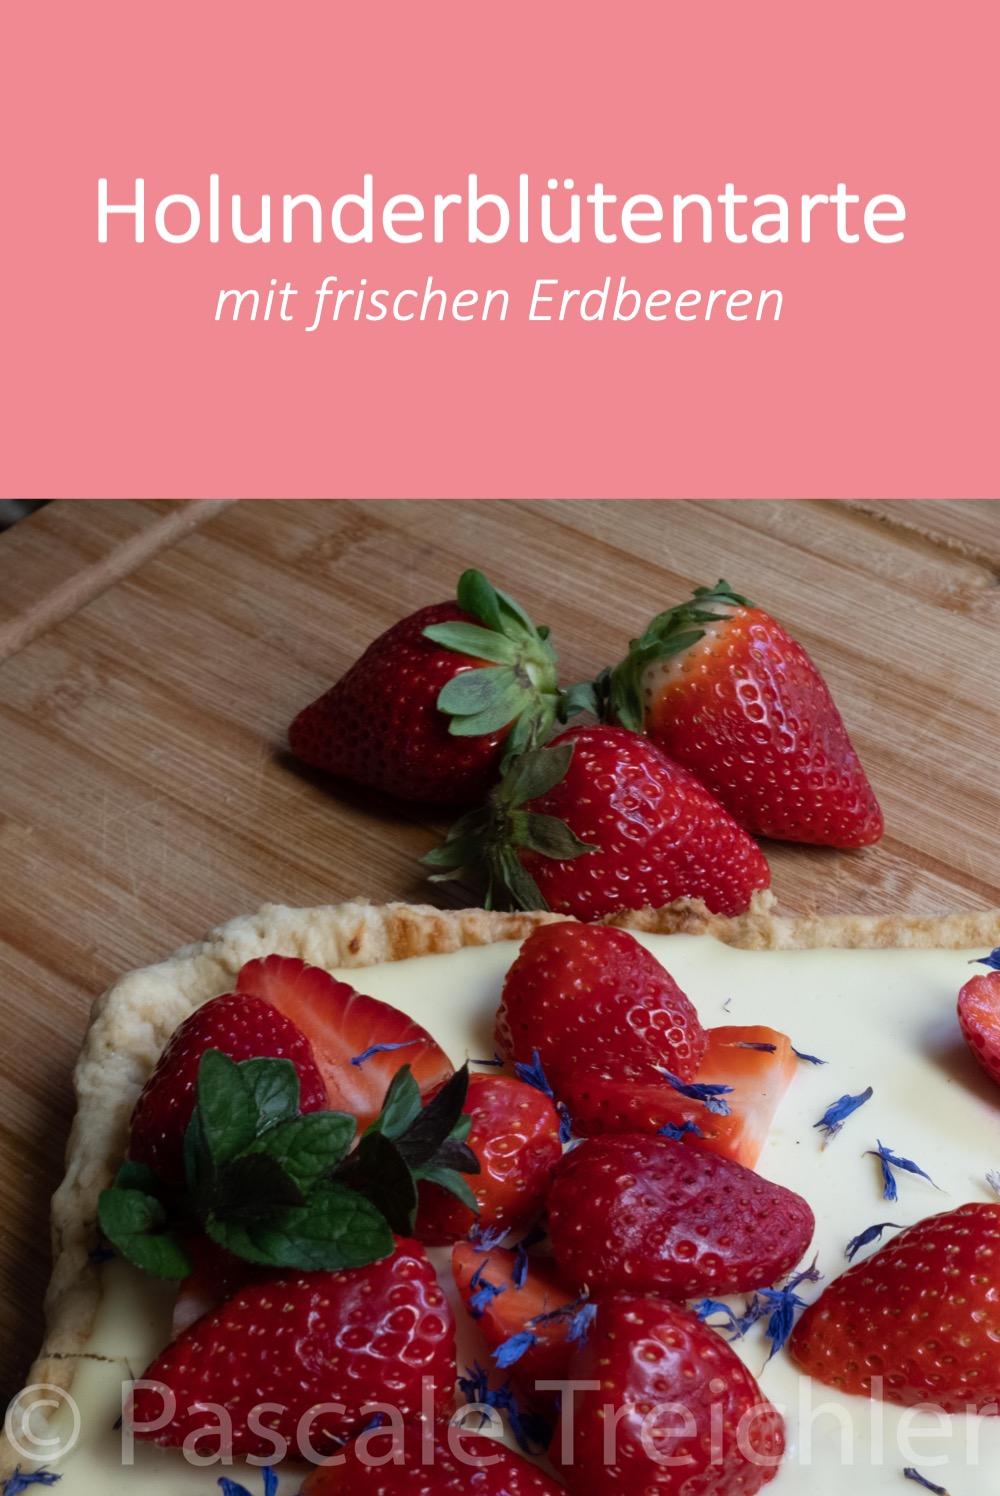 Eine frische Holunderblütentarte mit den ersten eigenen Erdbeeren - kann es was feineres geben ?